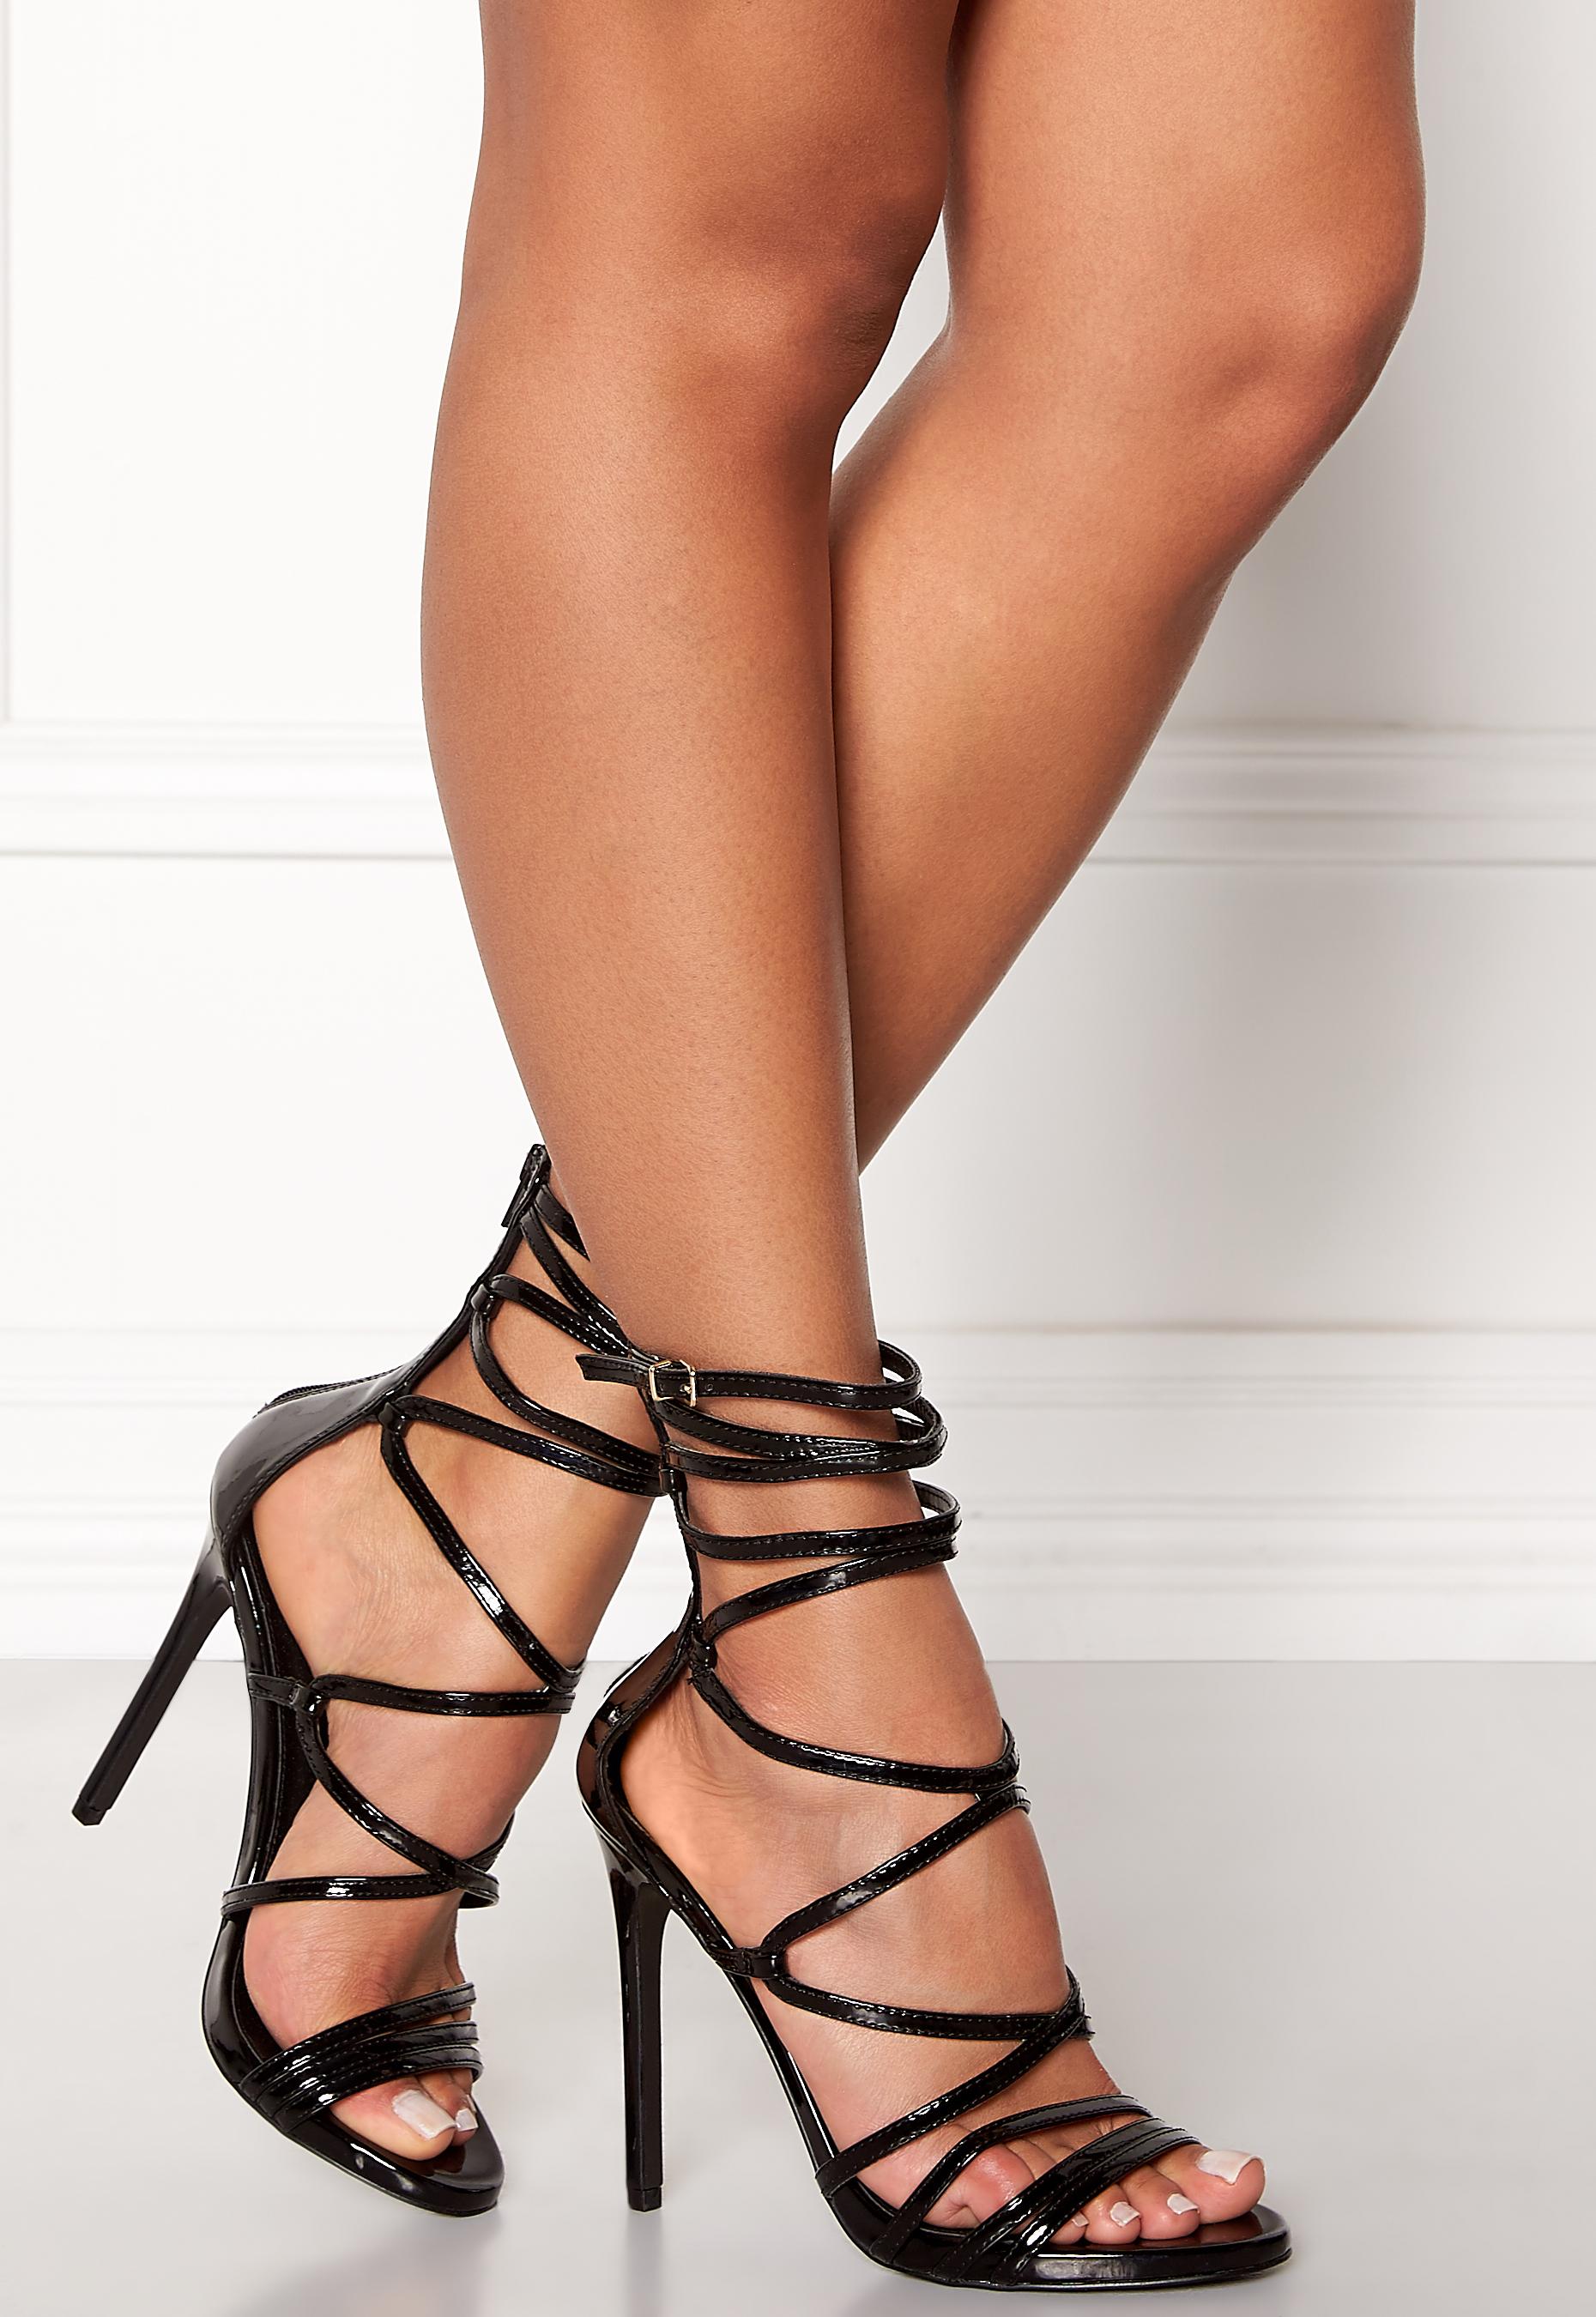 Steve Madden Flaunt Stiletto Sandal D2Z5PNQQ